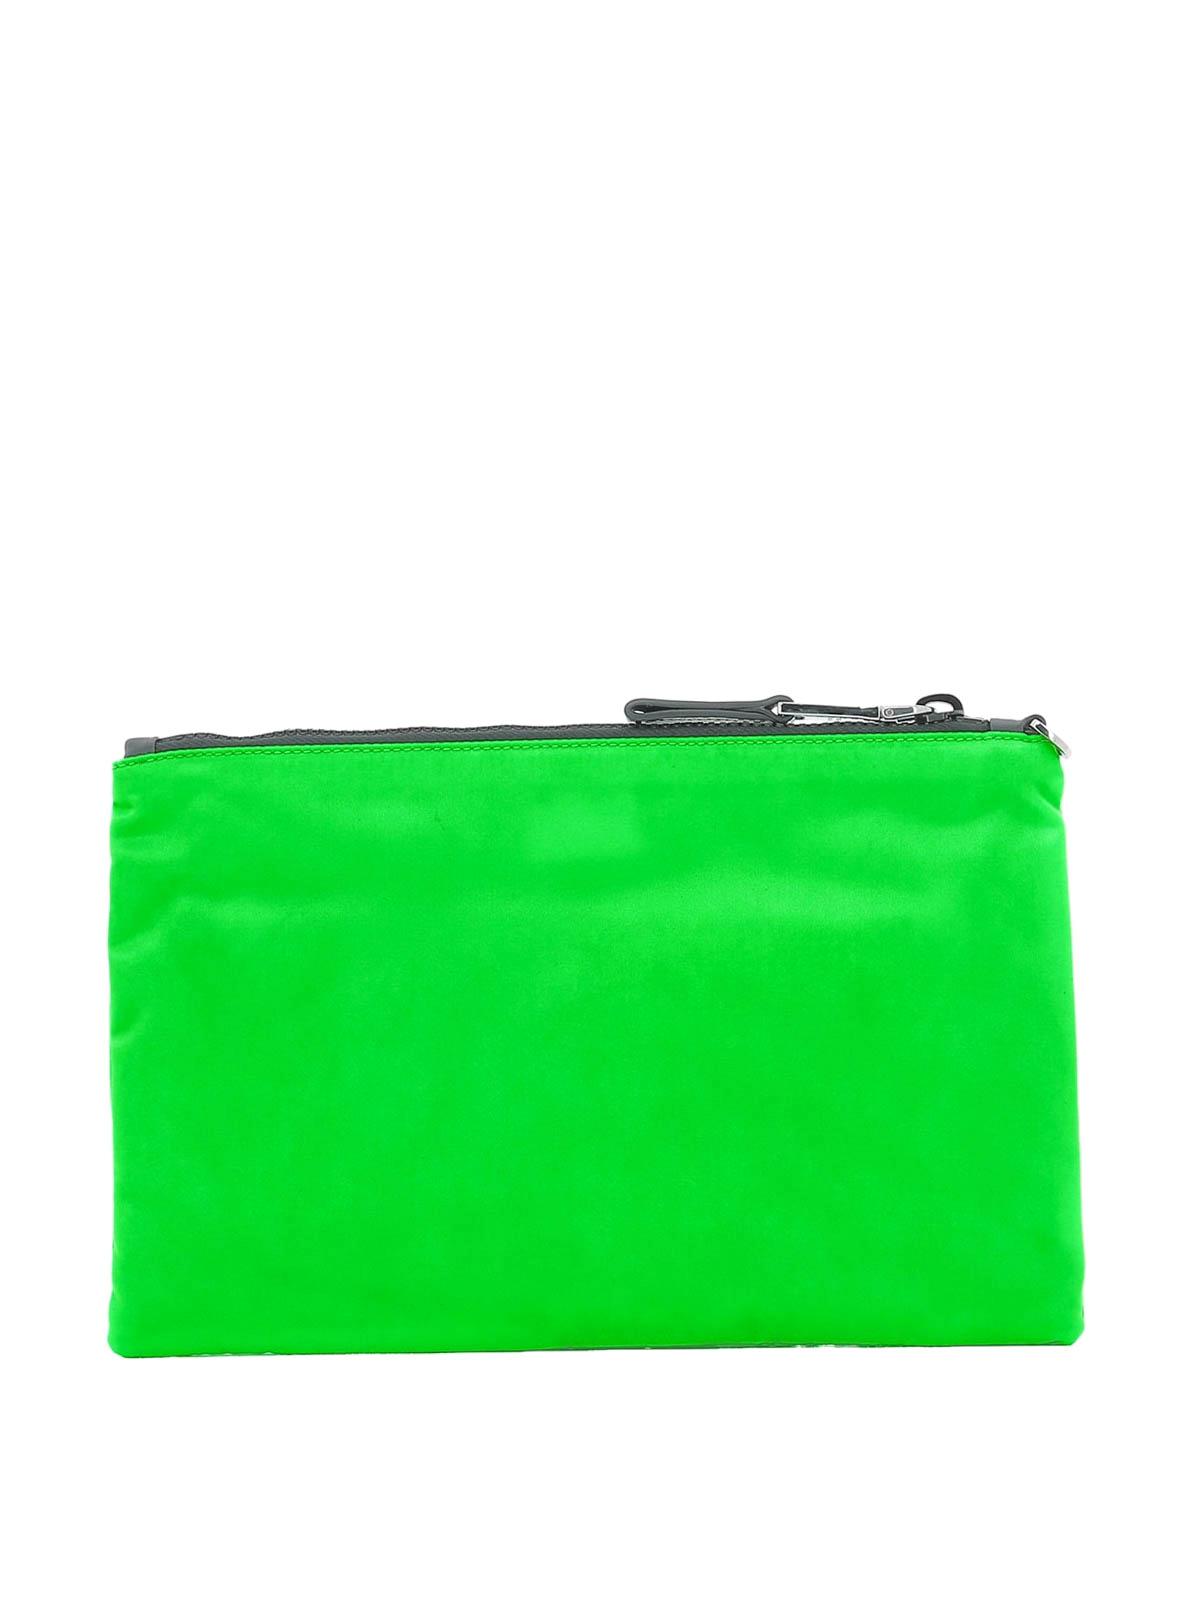 244b6e67a2ffe6 Prada - Fluo green nylon clutch - clutches - 2NH0062BTEF0XYA | iKRIX.com